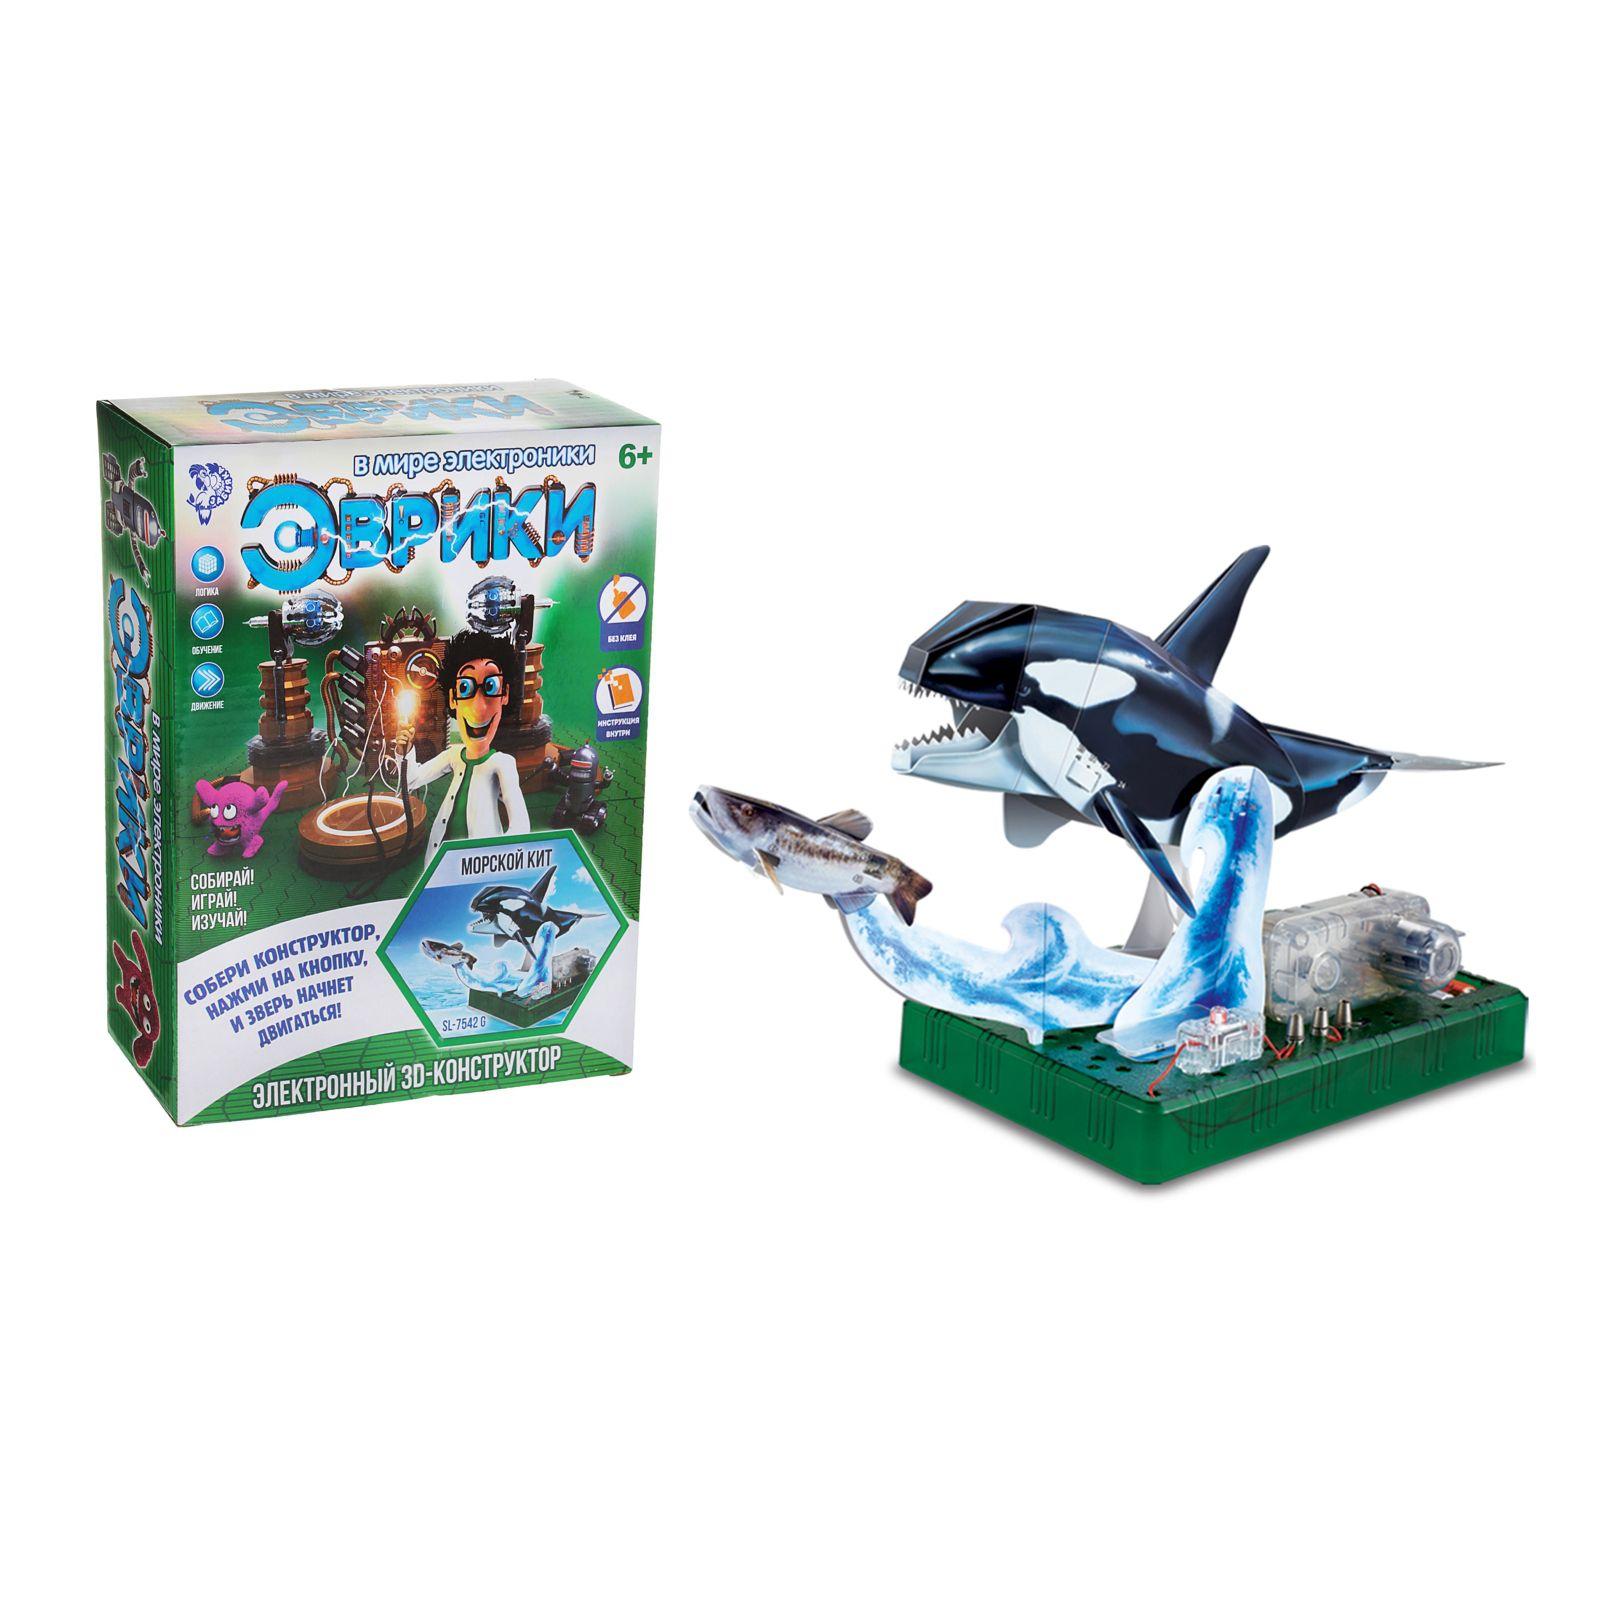 3D-конструктор «Морской кит»